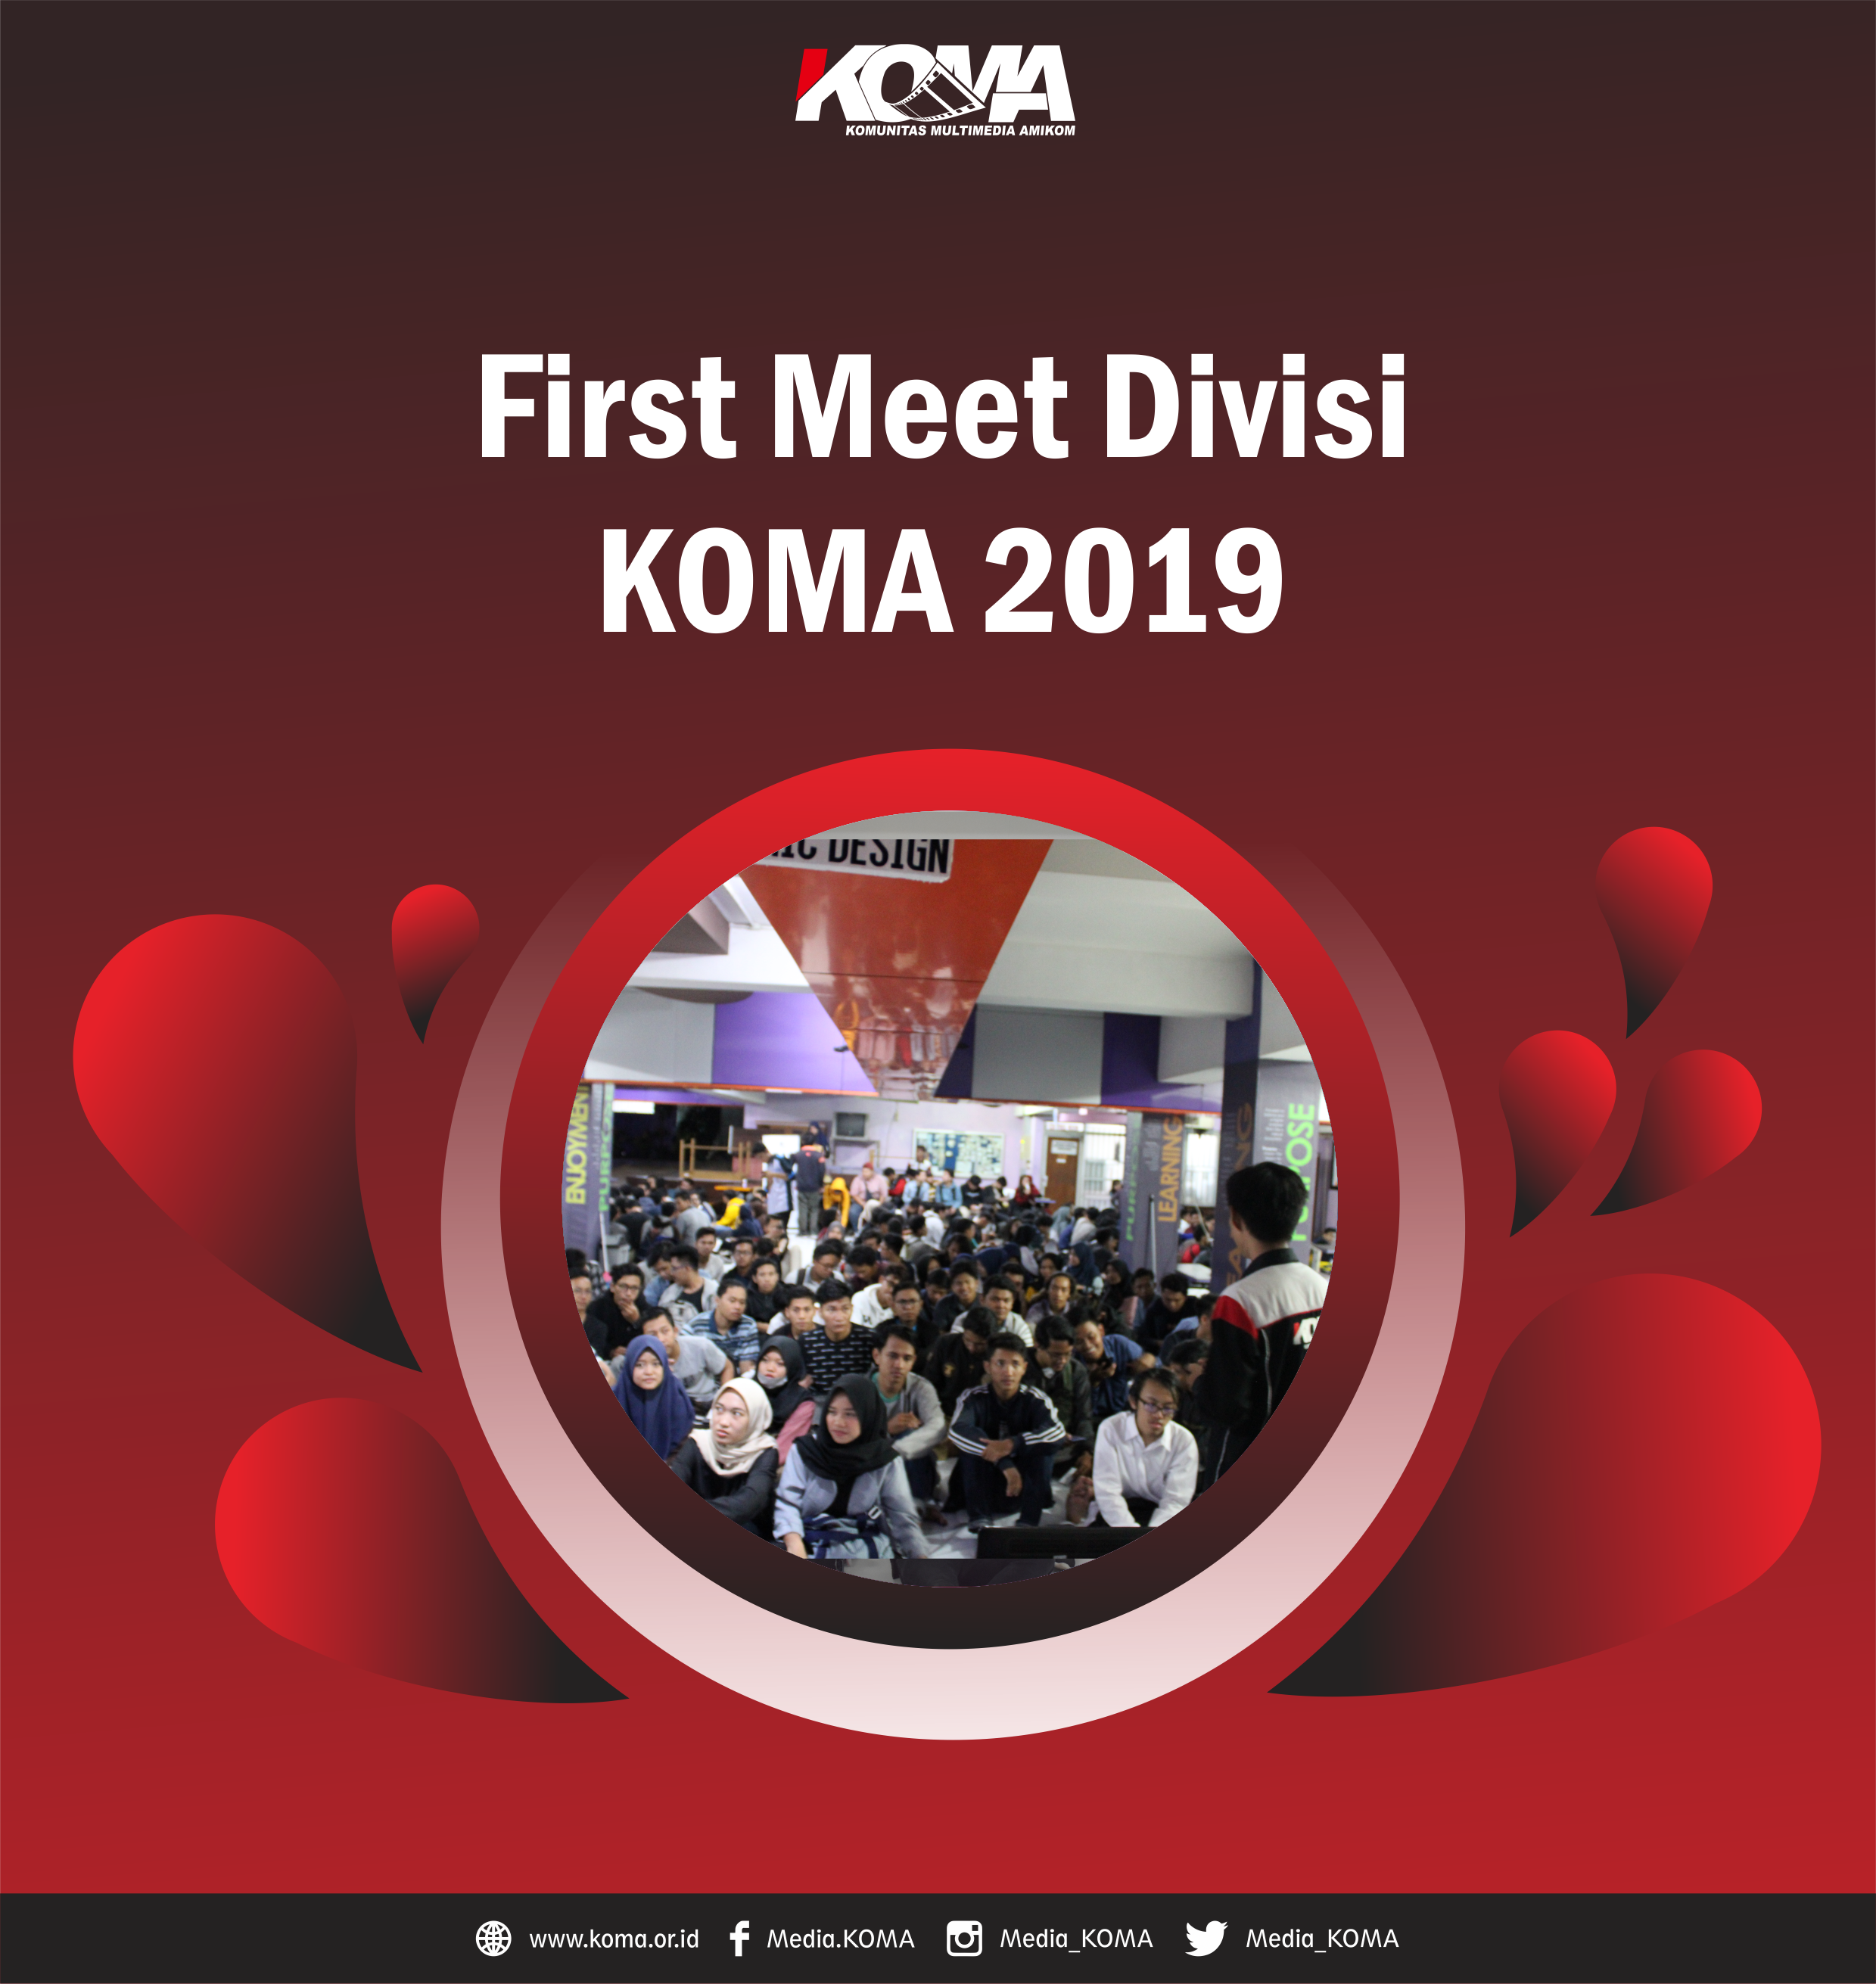 First-Meet-Divisi-KOMA-2019